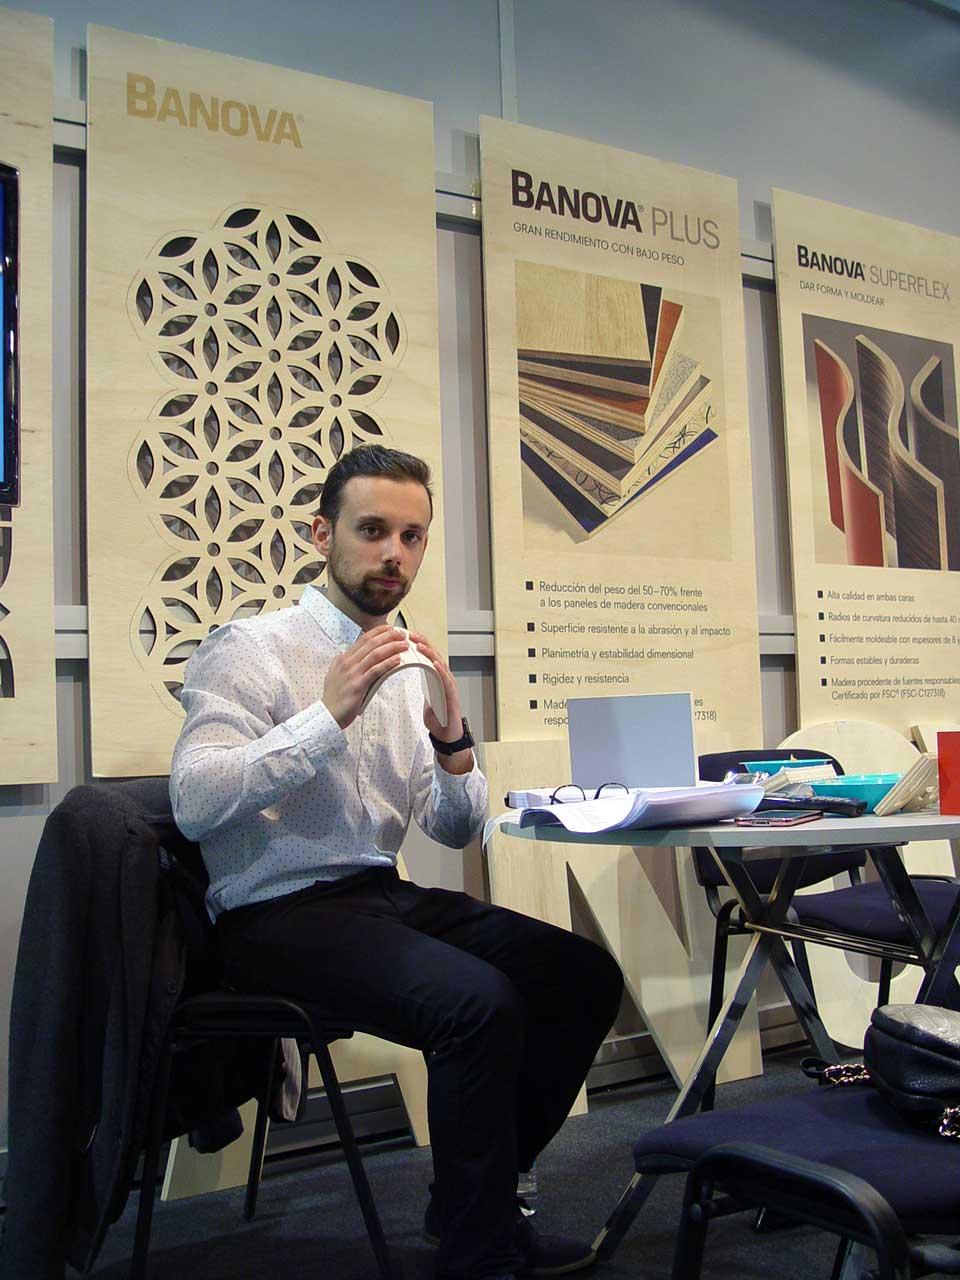 Apuesta clara de THYSSENKRUPP por la distribución de BANOVA®